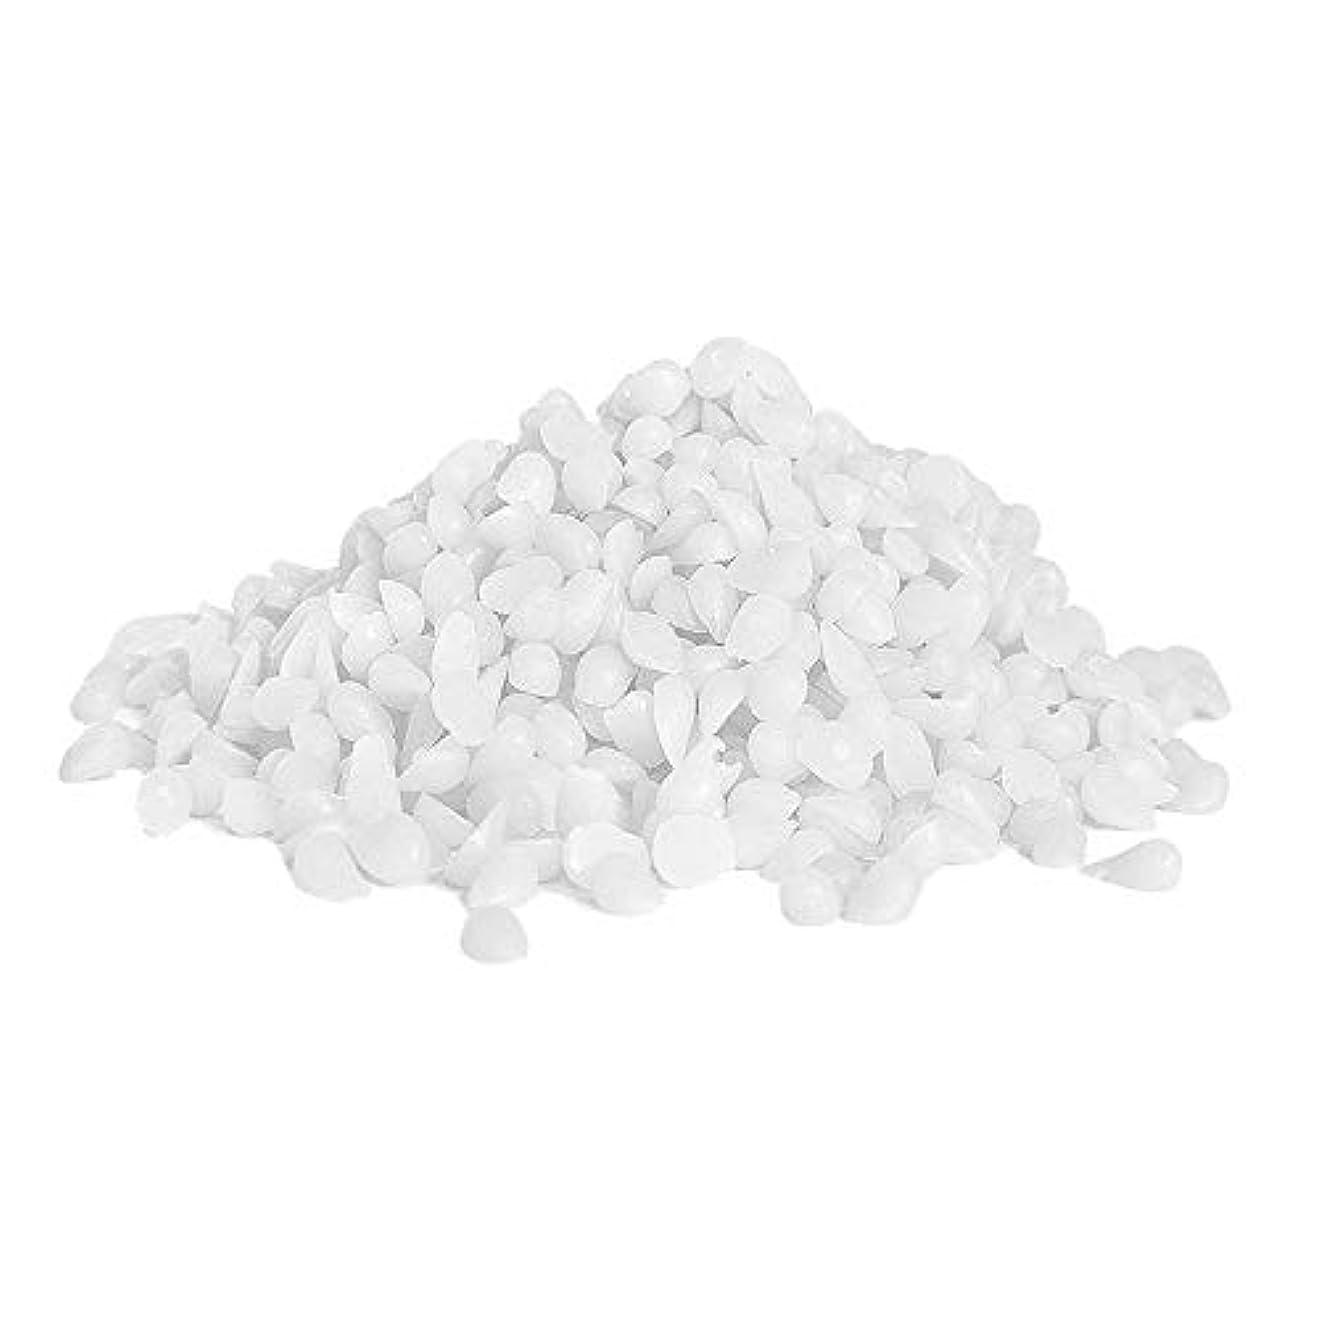 Tenflyer  ミツロウペレットイエローホワイトトローチ化粧品グレードキャンドルシャップスティックミツロウペレット